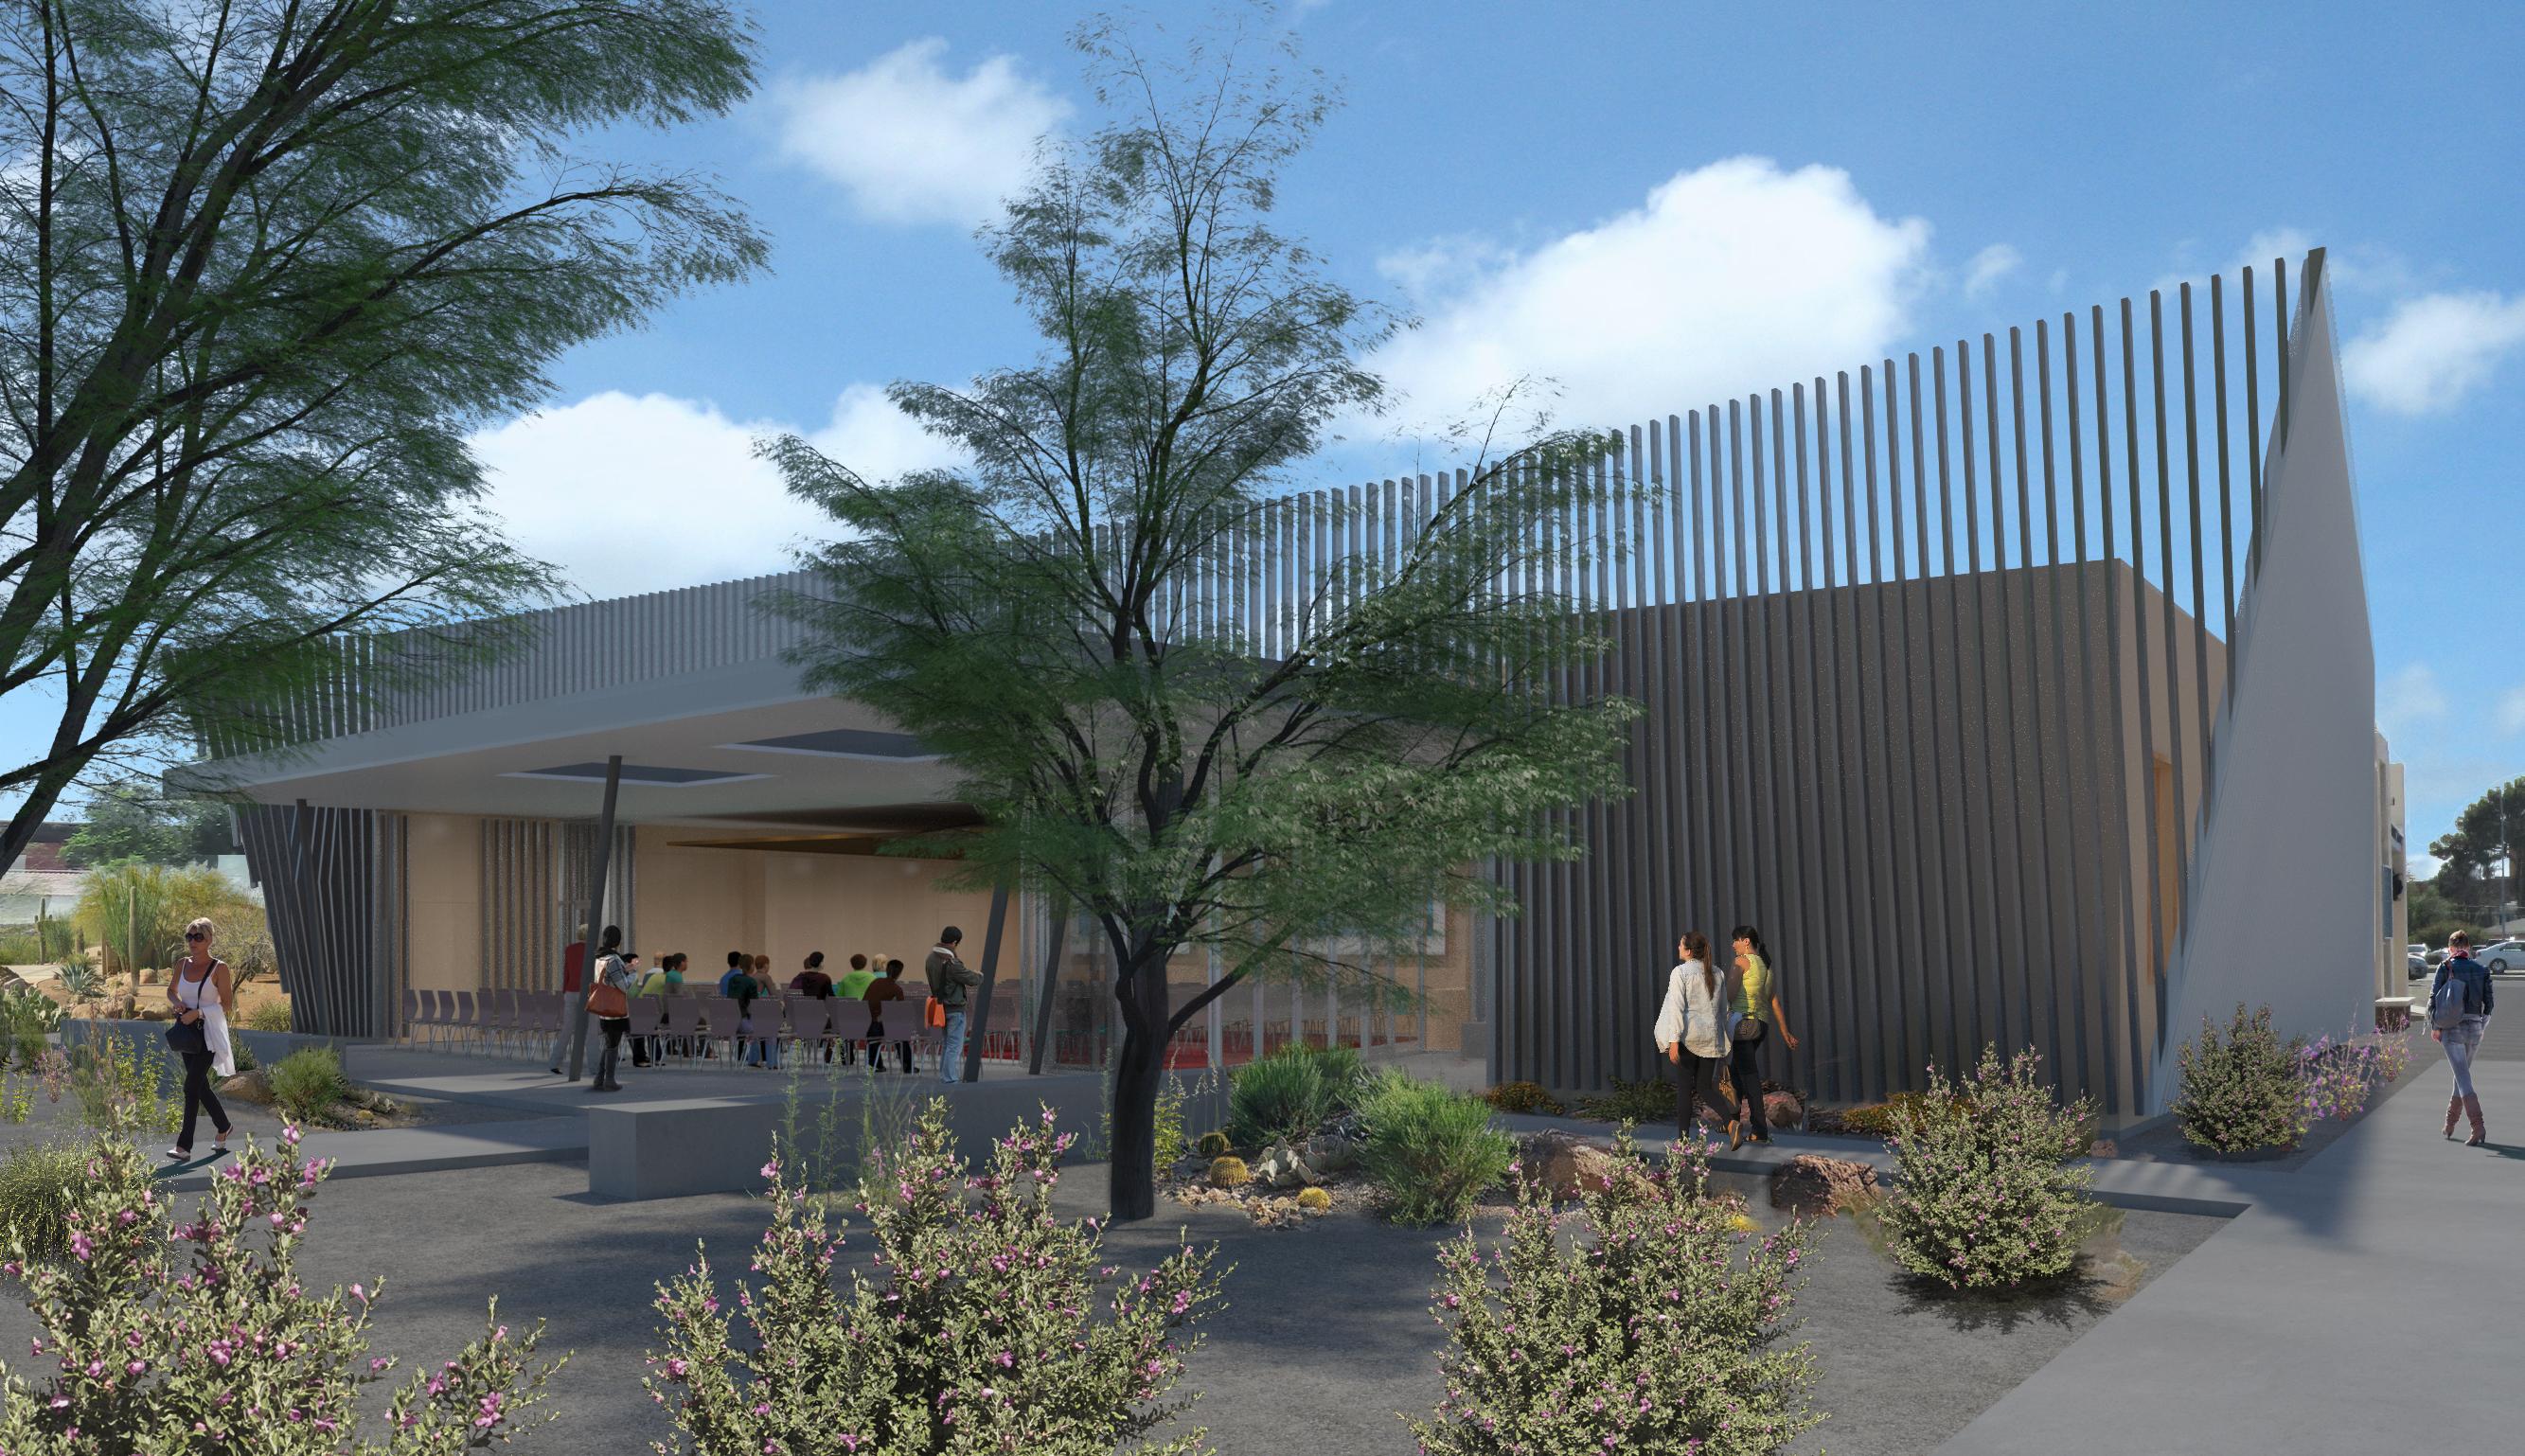 Landscaped Entry Plaza